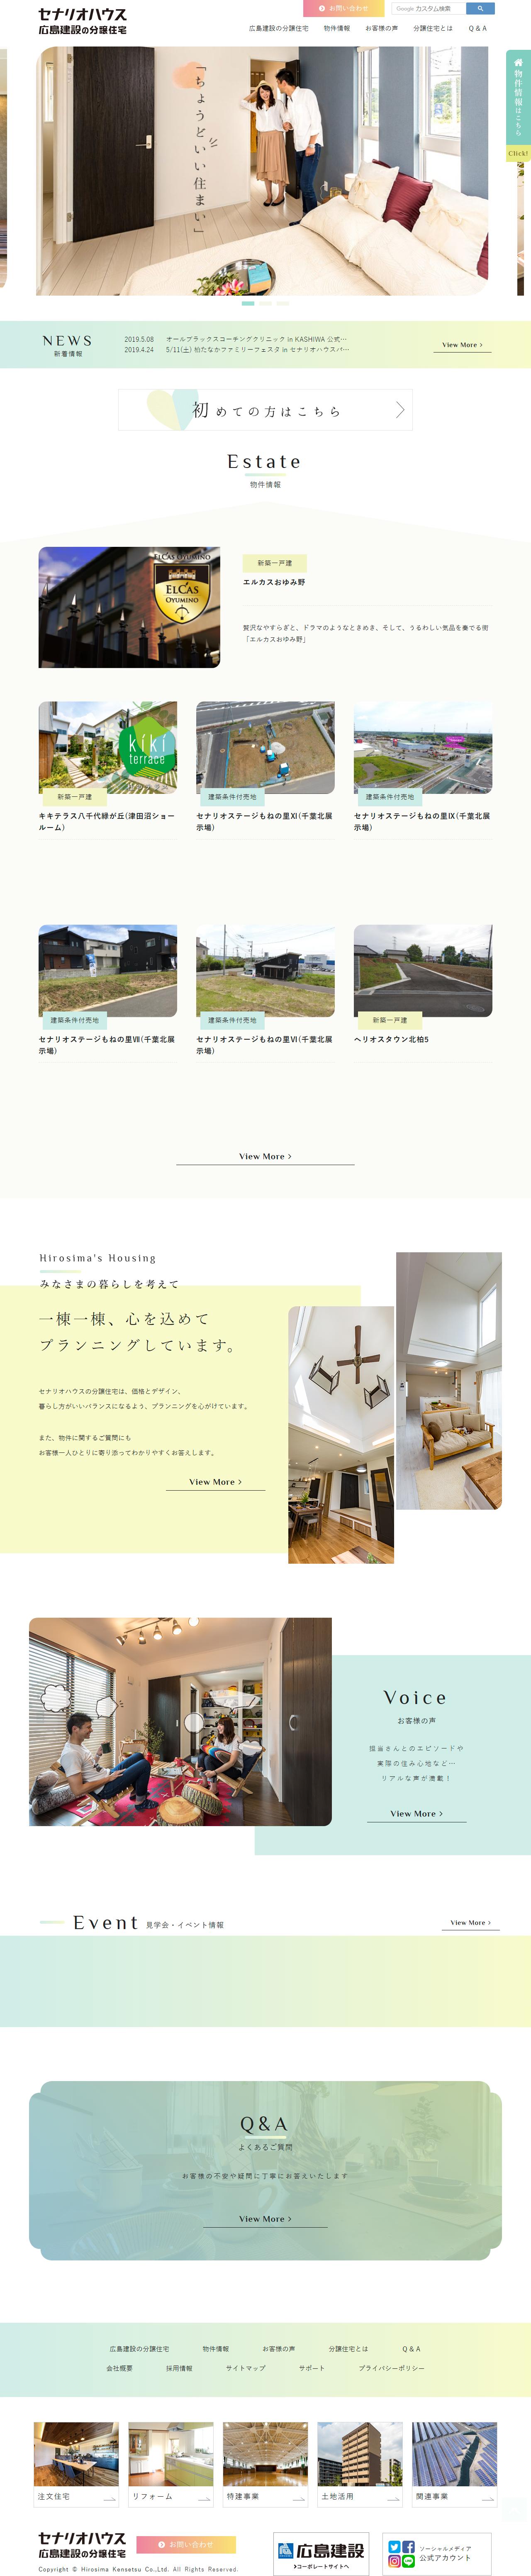 広島建設株式会社様(分譲住宅サイト)